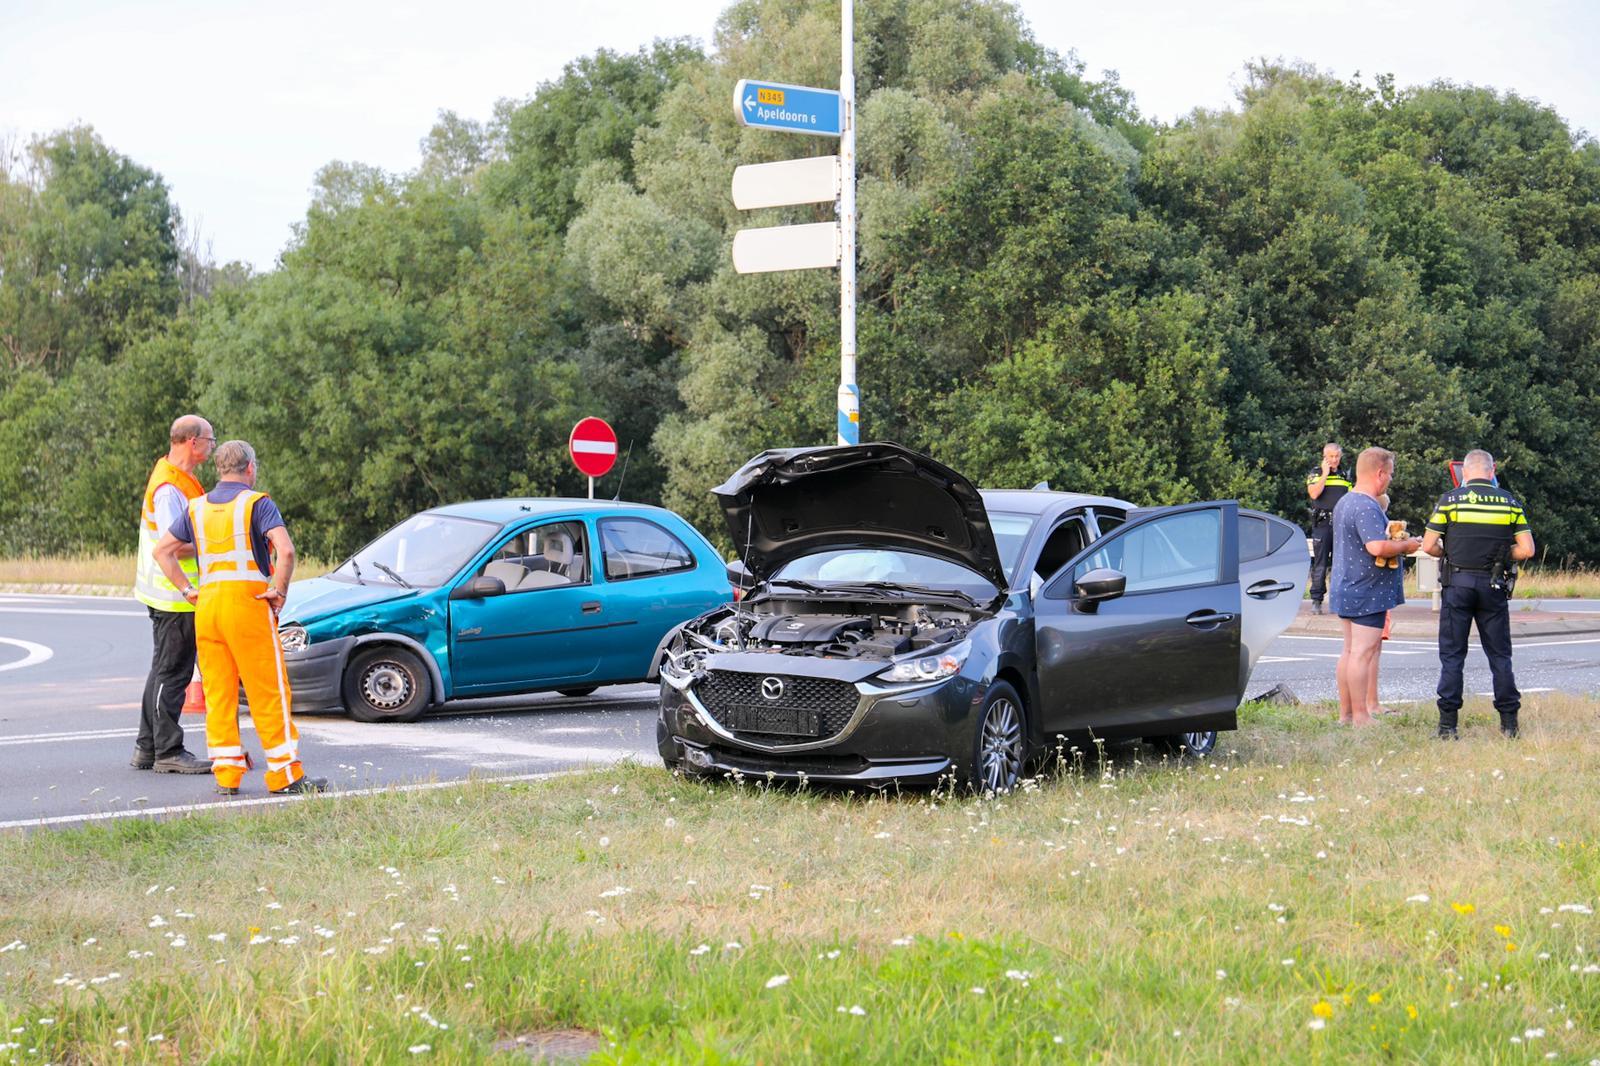 Twee ongelukken binnen een uur op Zutphensestraat in Apeldoorn